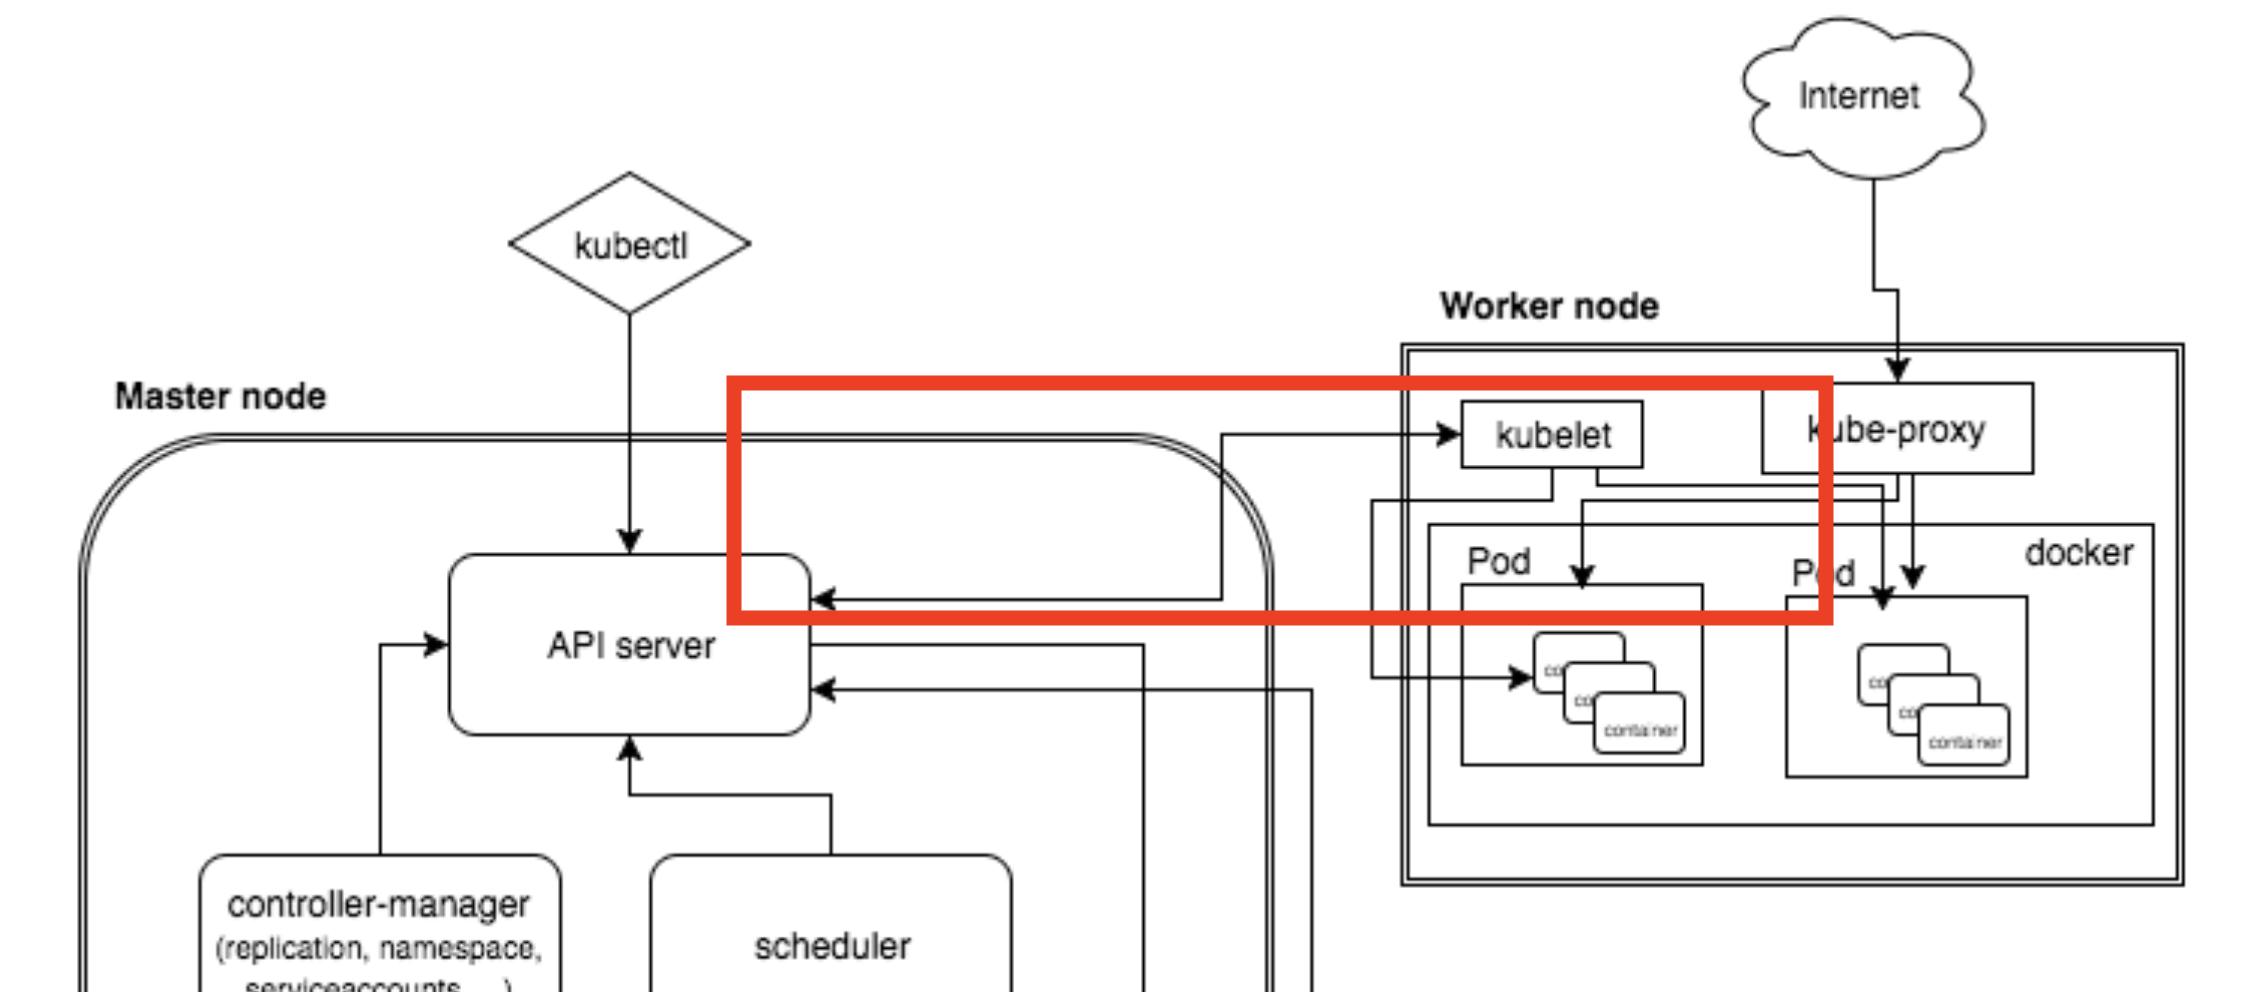 apiserver-access-nodes-big-pic